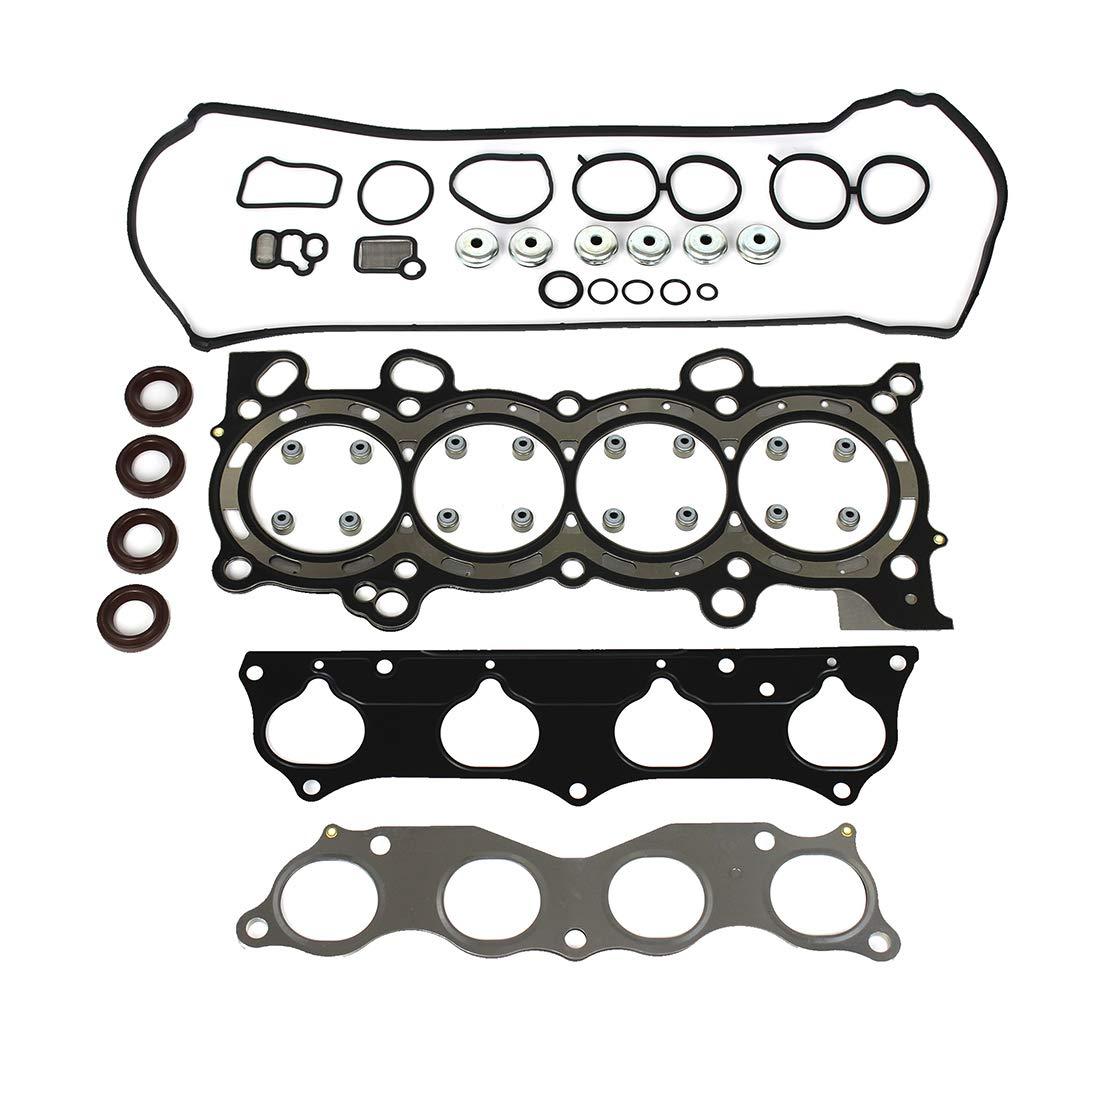 DNJ Engine Components HGS227 Cylinder Head Gasket